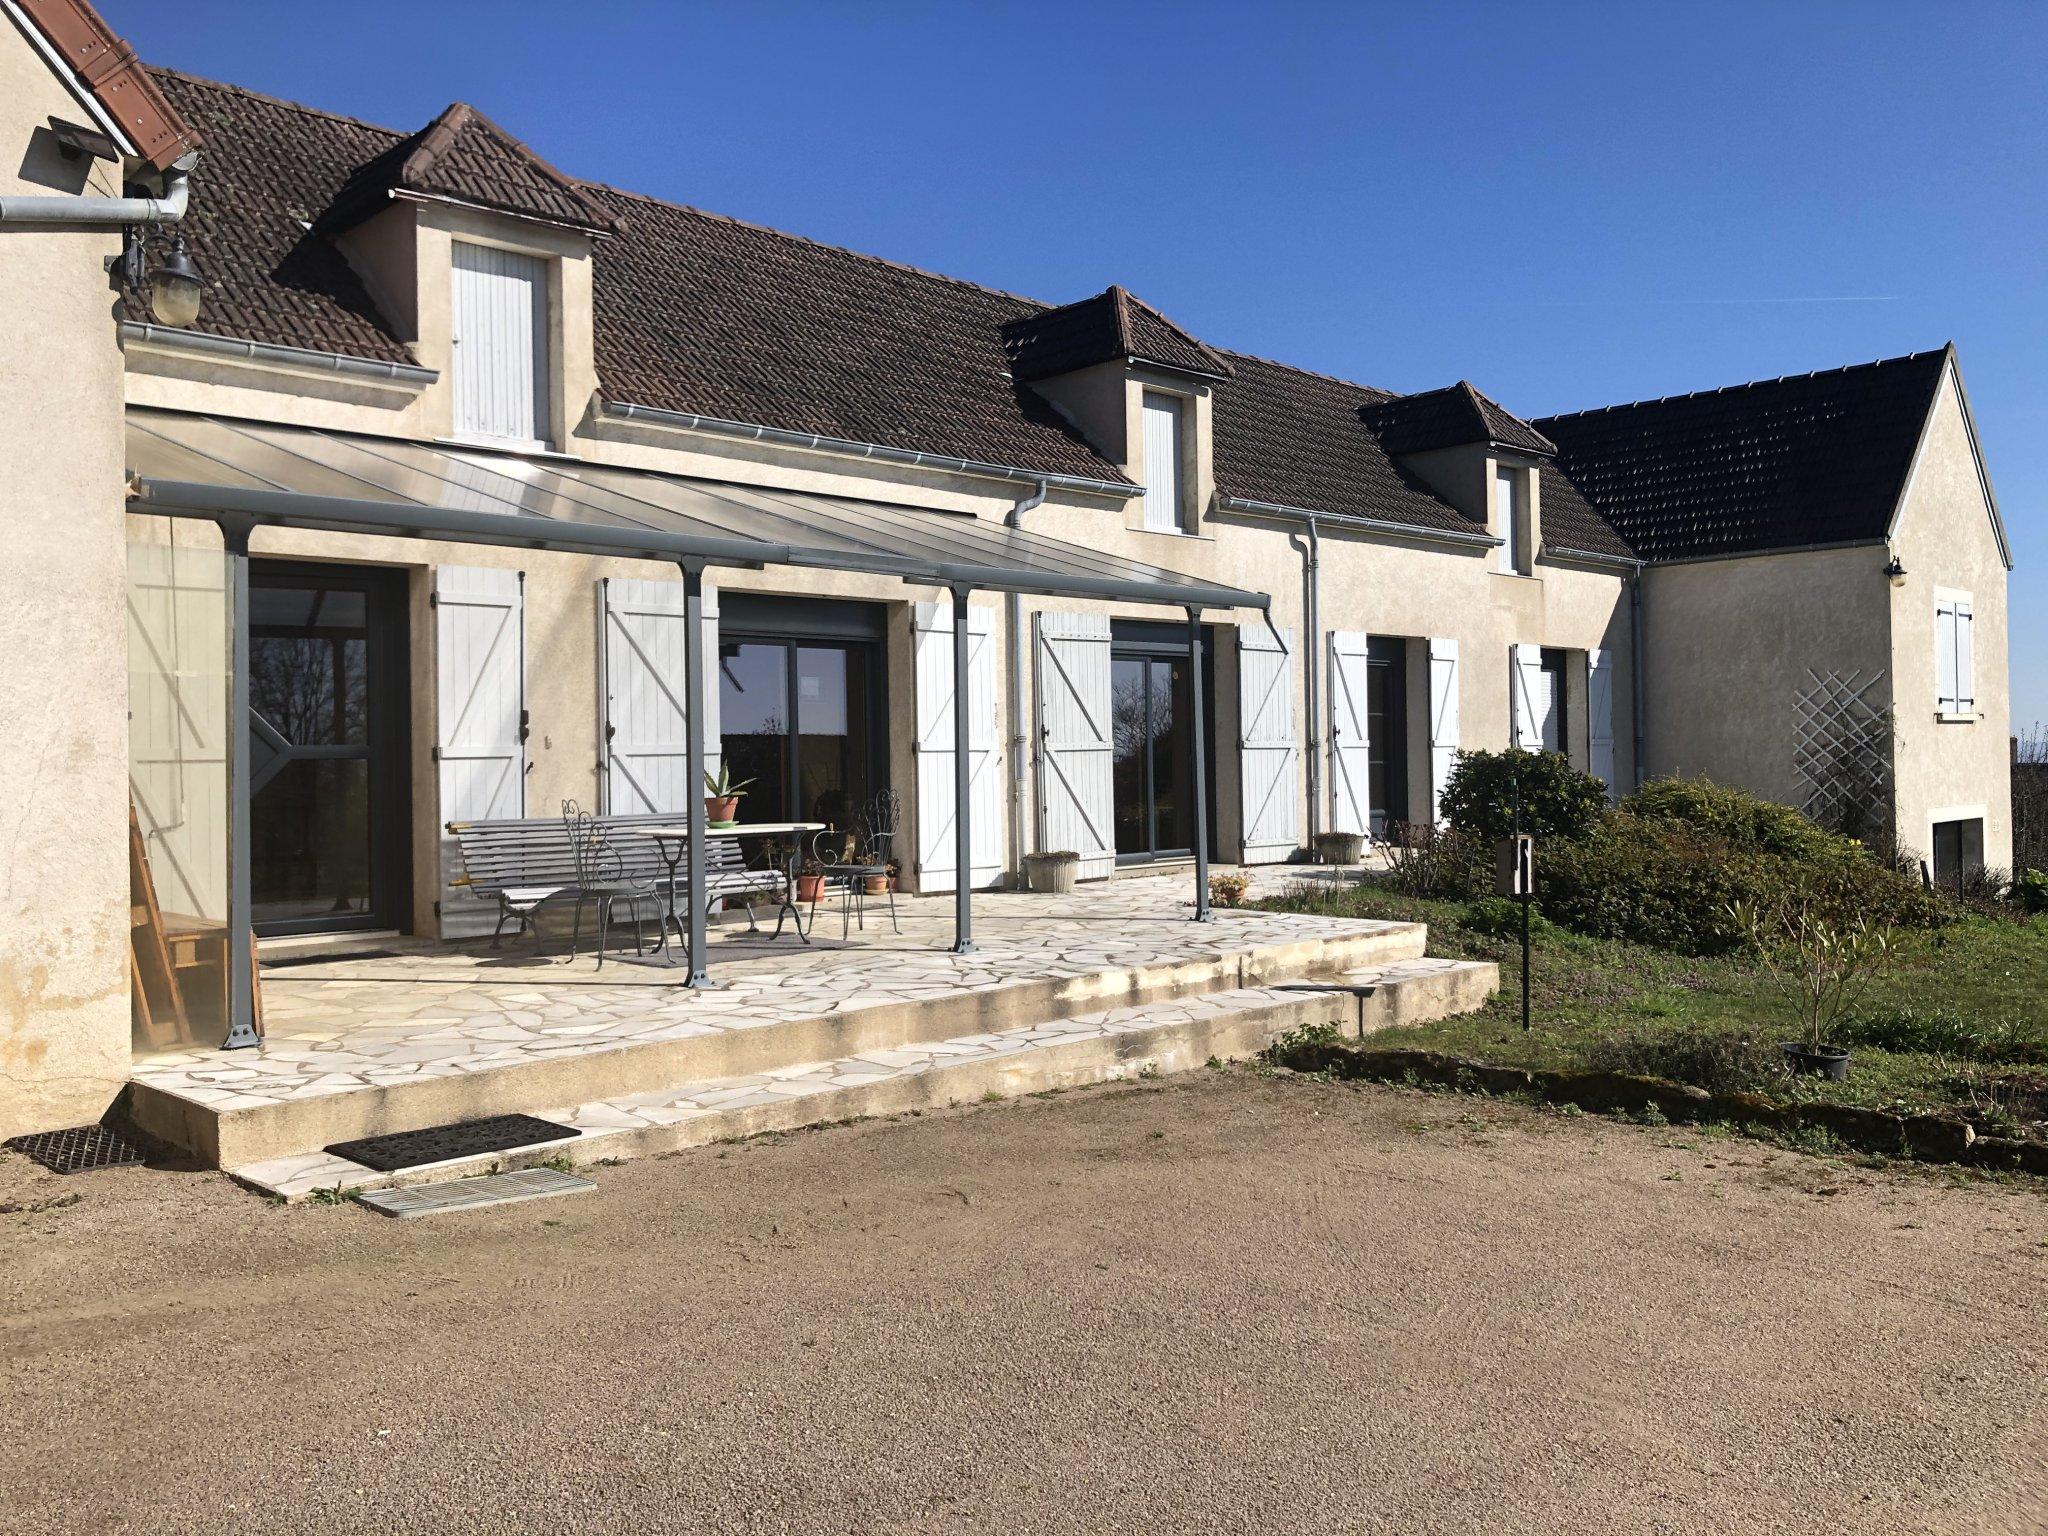 Vente Maison Saint Amand Montrond concernant Chambre D Hote Saint Amand Montrond